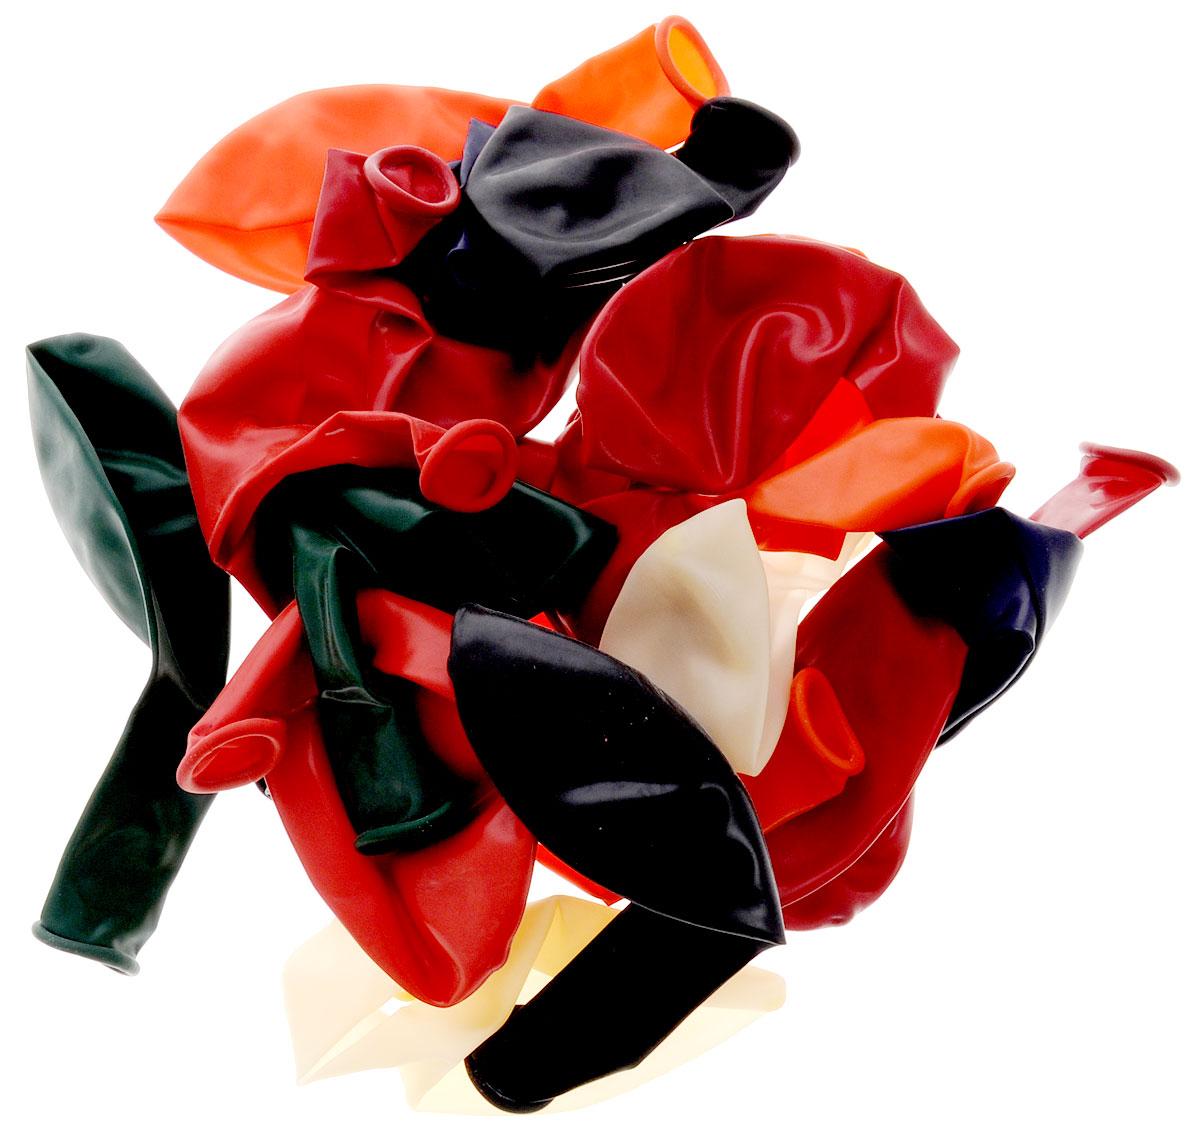 Action! Шары воздушные Кристалл 30 см 20 штAPI0064/MШары воздушные Action! Кристалл станут отличным украшением на любой праздник! Шарики помогут украсить праздничный стол и помещение, или стать приятным дополнением к подарку. Эти яркие праздничные аксессуары поднимут настроение вам и вашим гостям! В наборе 20 разноцветных воздушных шаров.